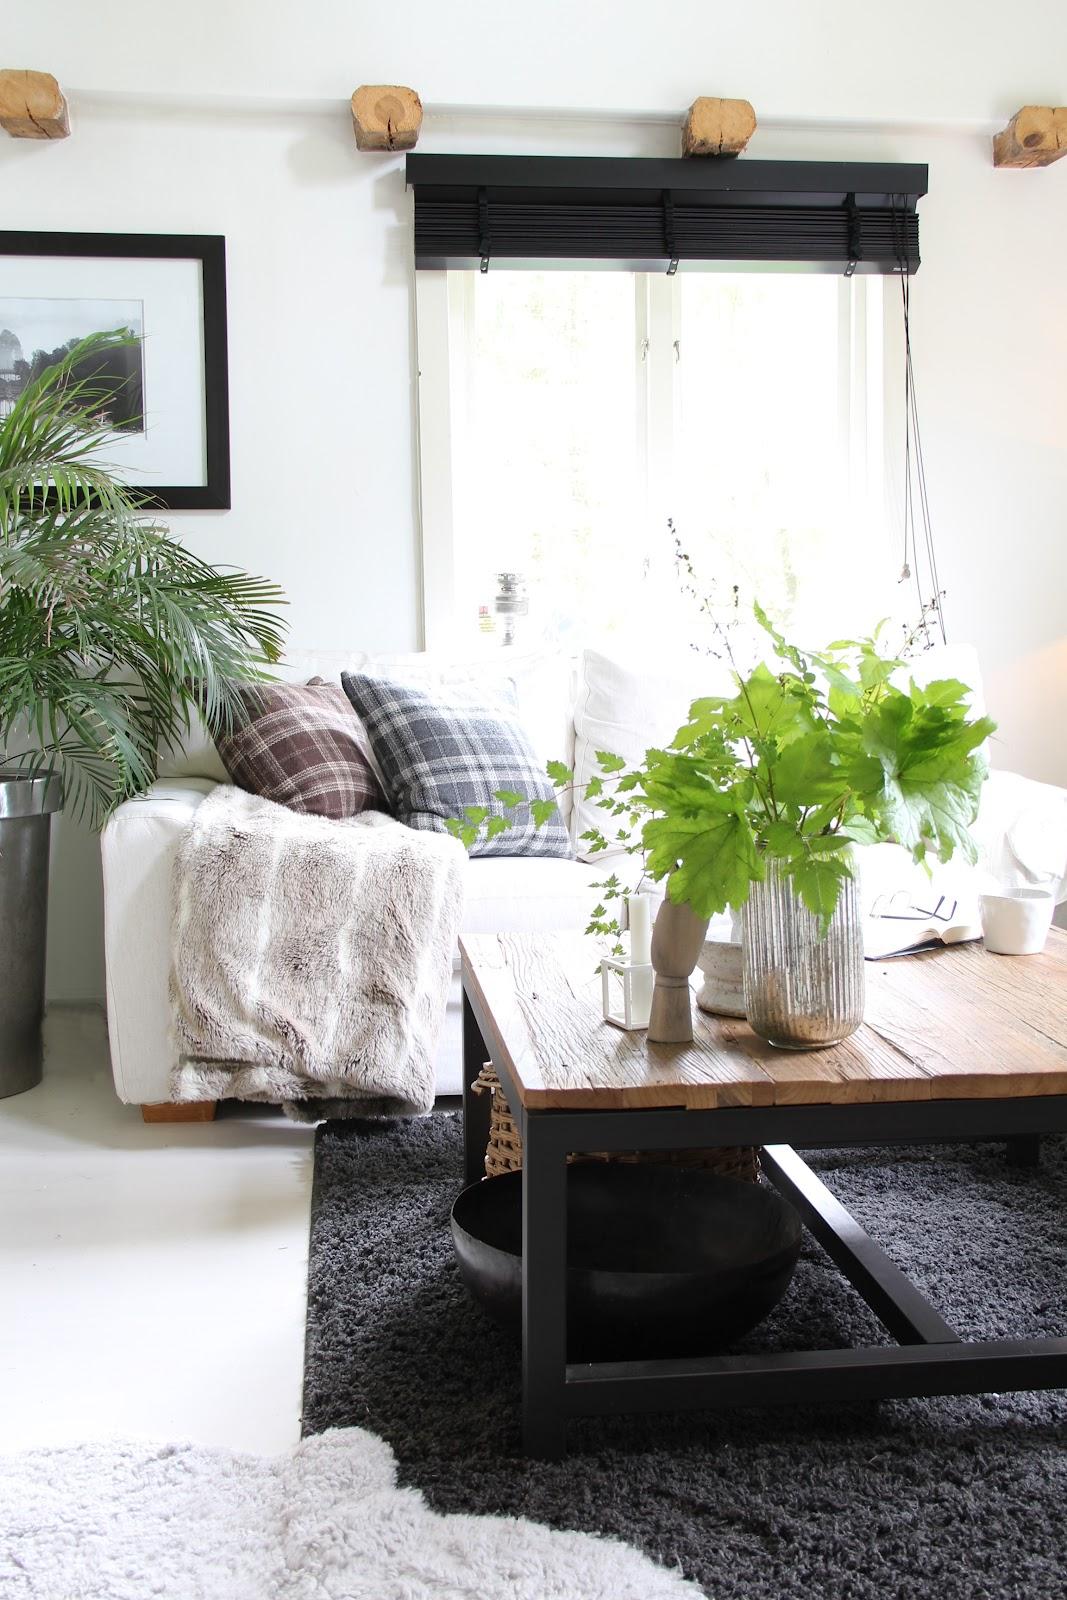 Kråks stuga   inredning, trend, trädgård & torparliv.: ny stil i ...